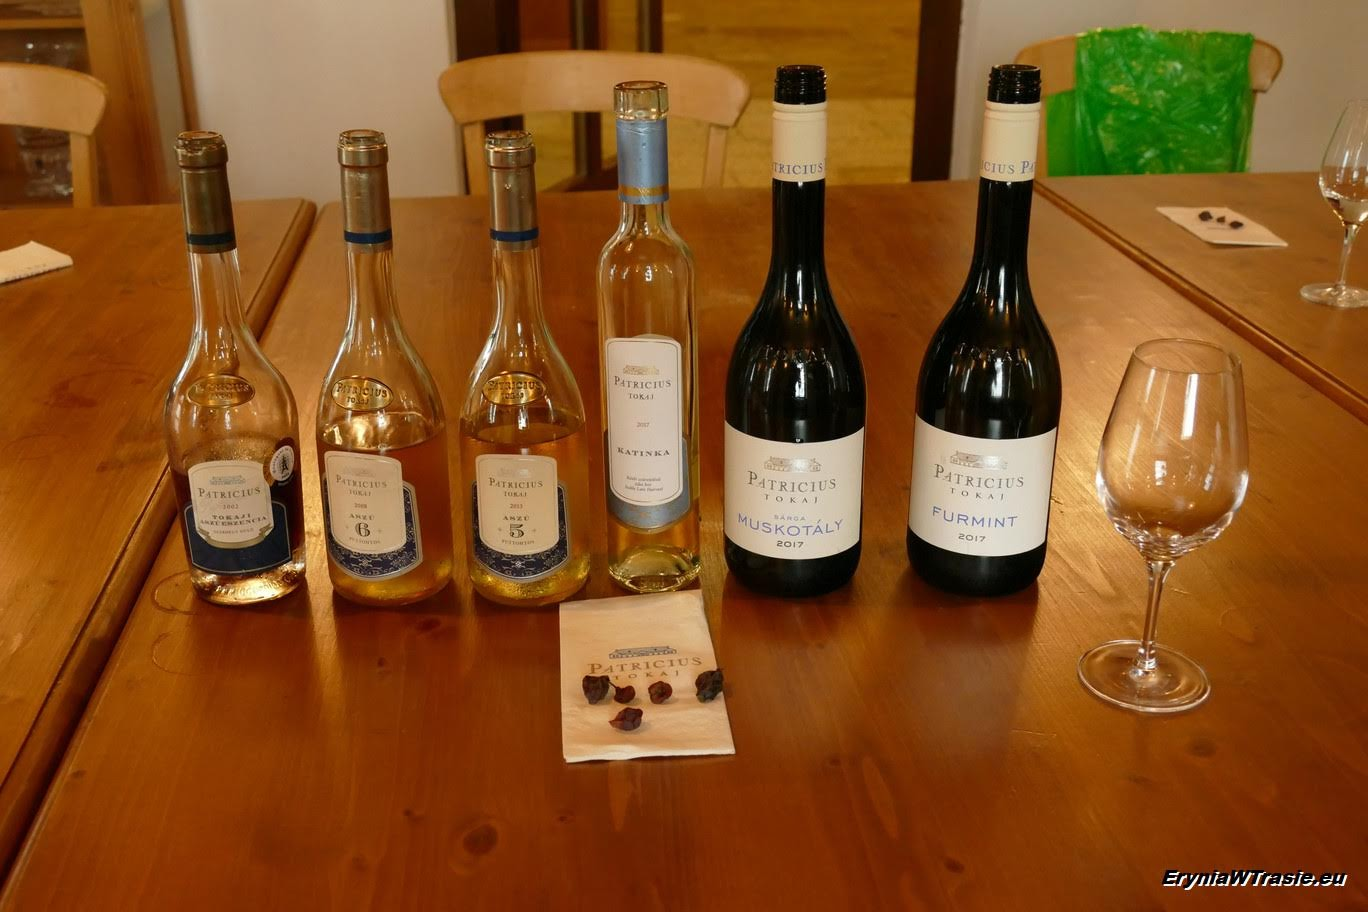 patrz: Wina imuzyka uPatriciusa